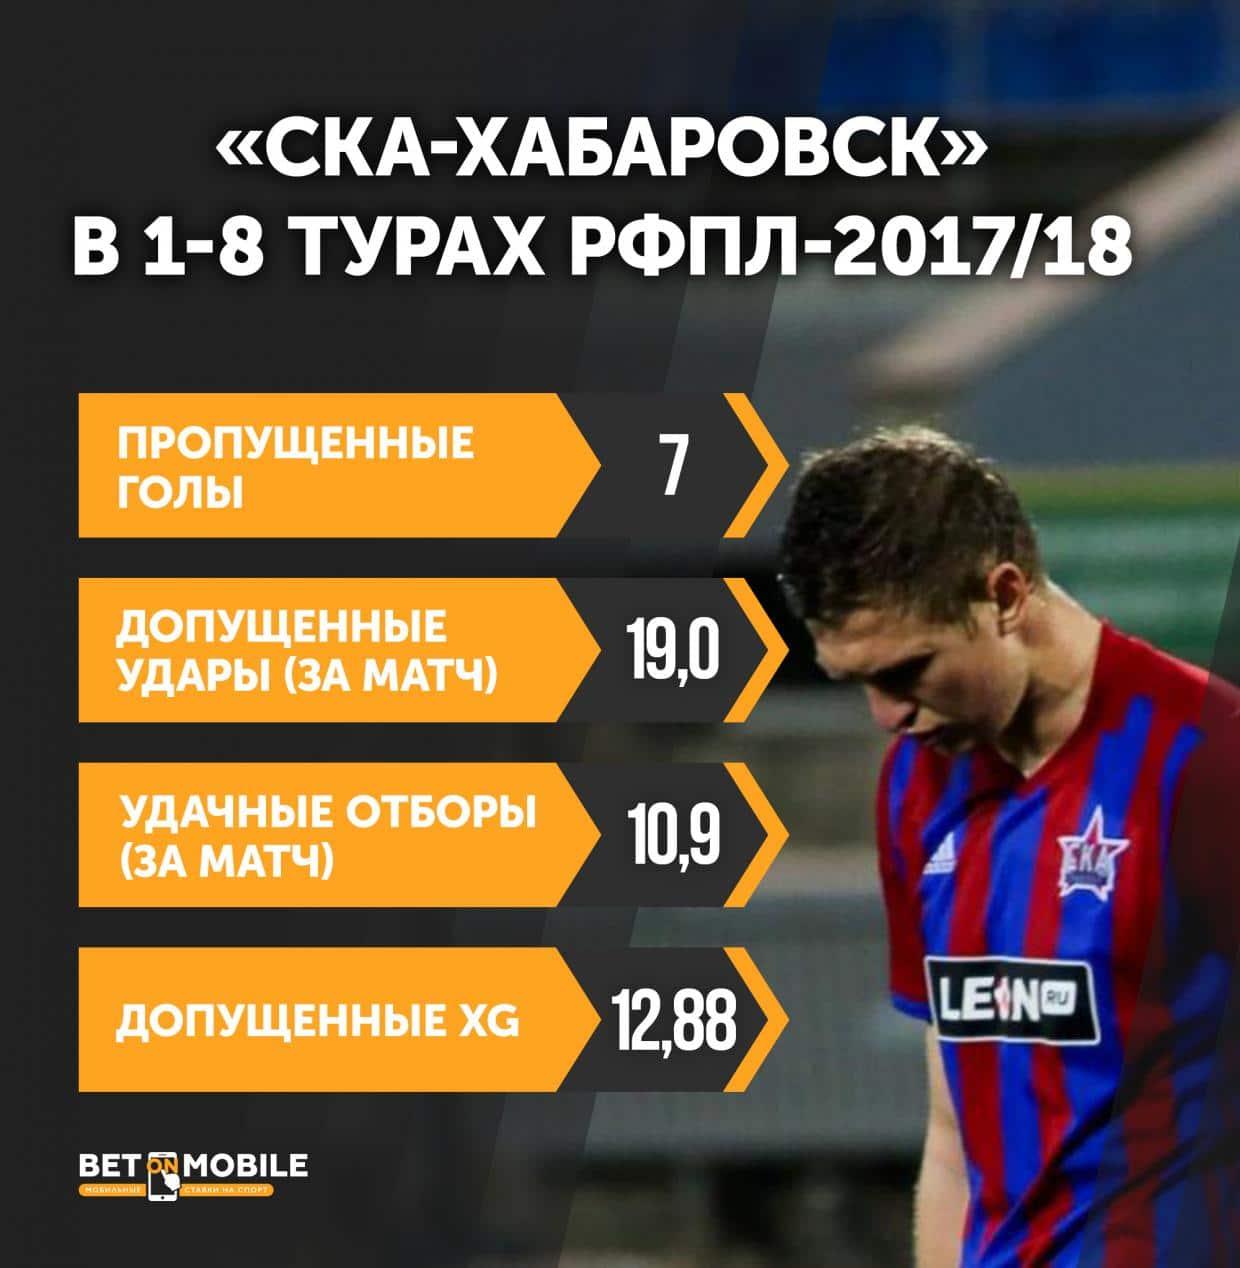 Инфографика СКА